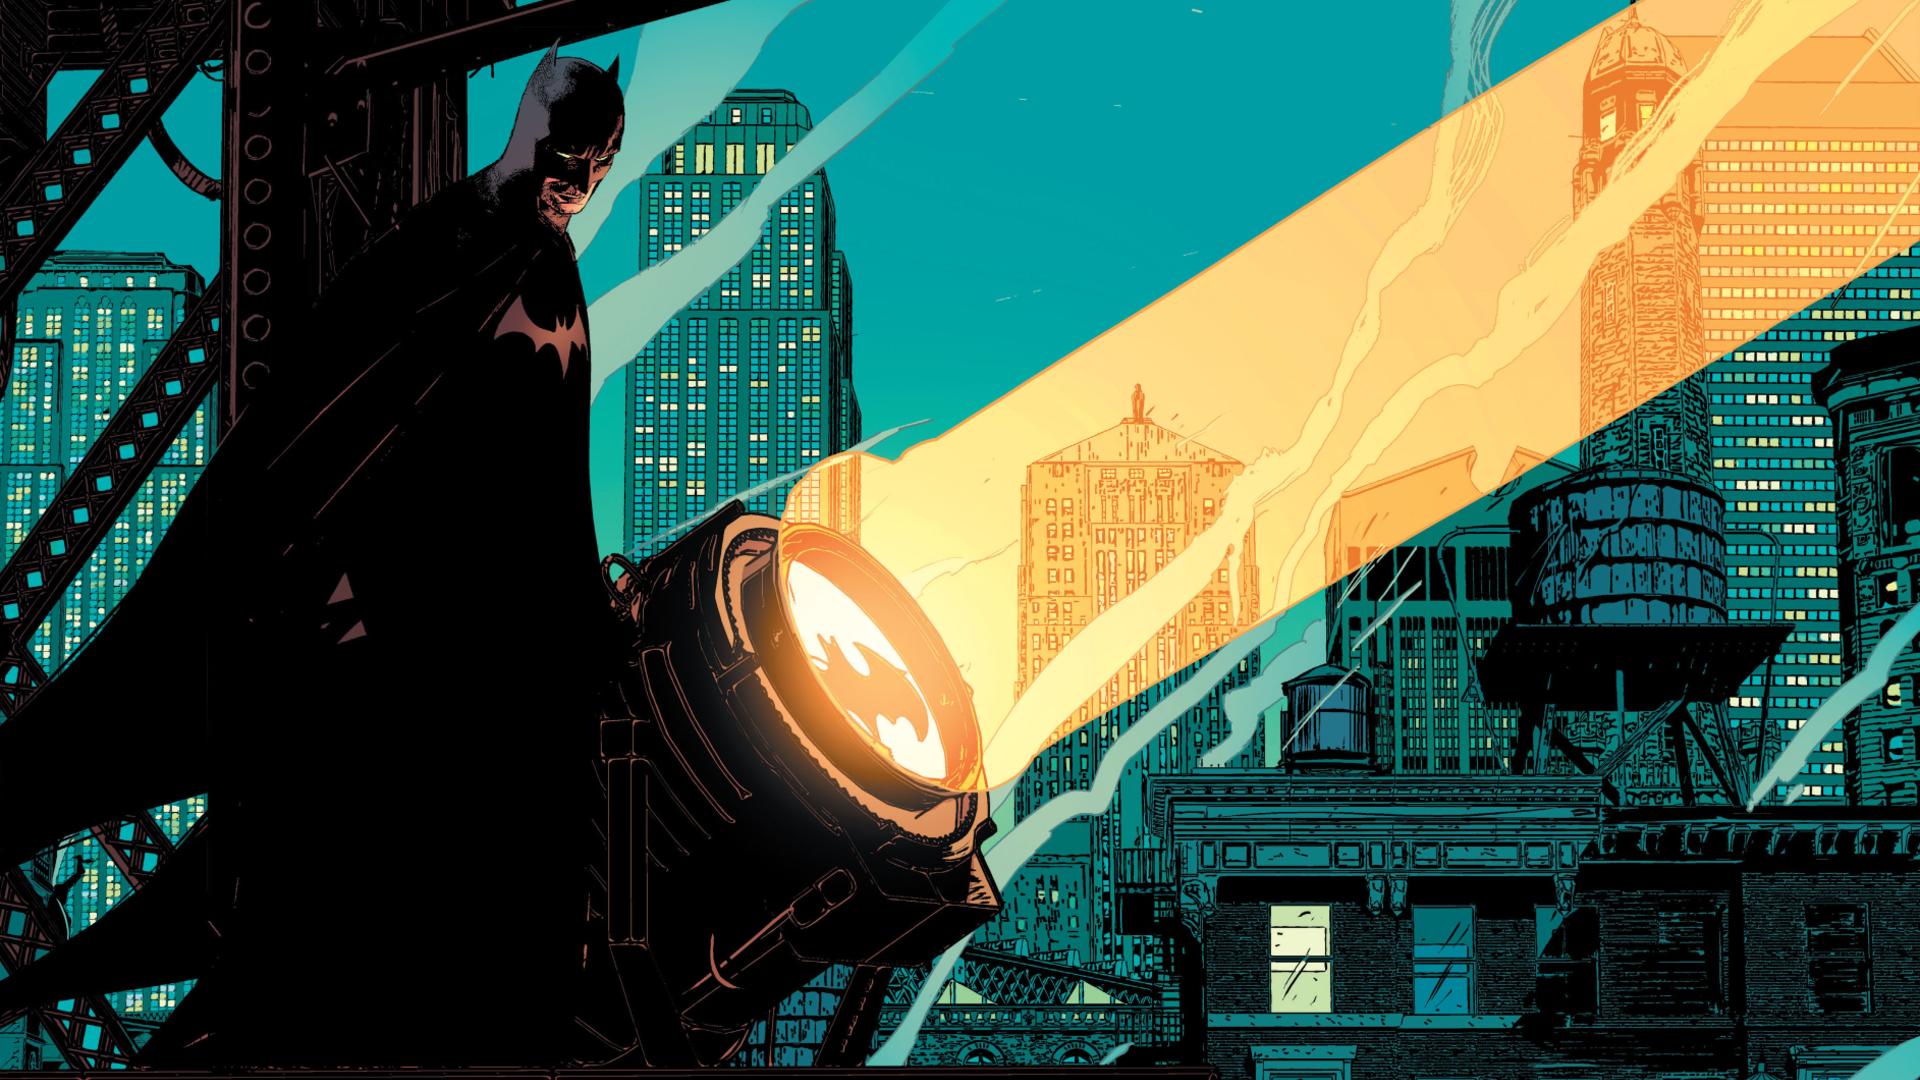 Batman Light DC Comics Wallpaper